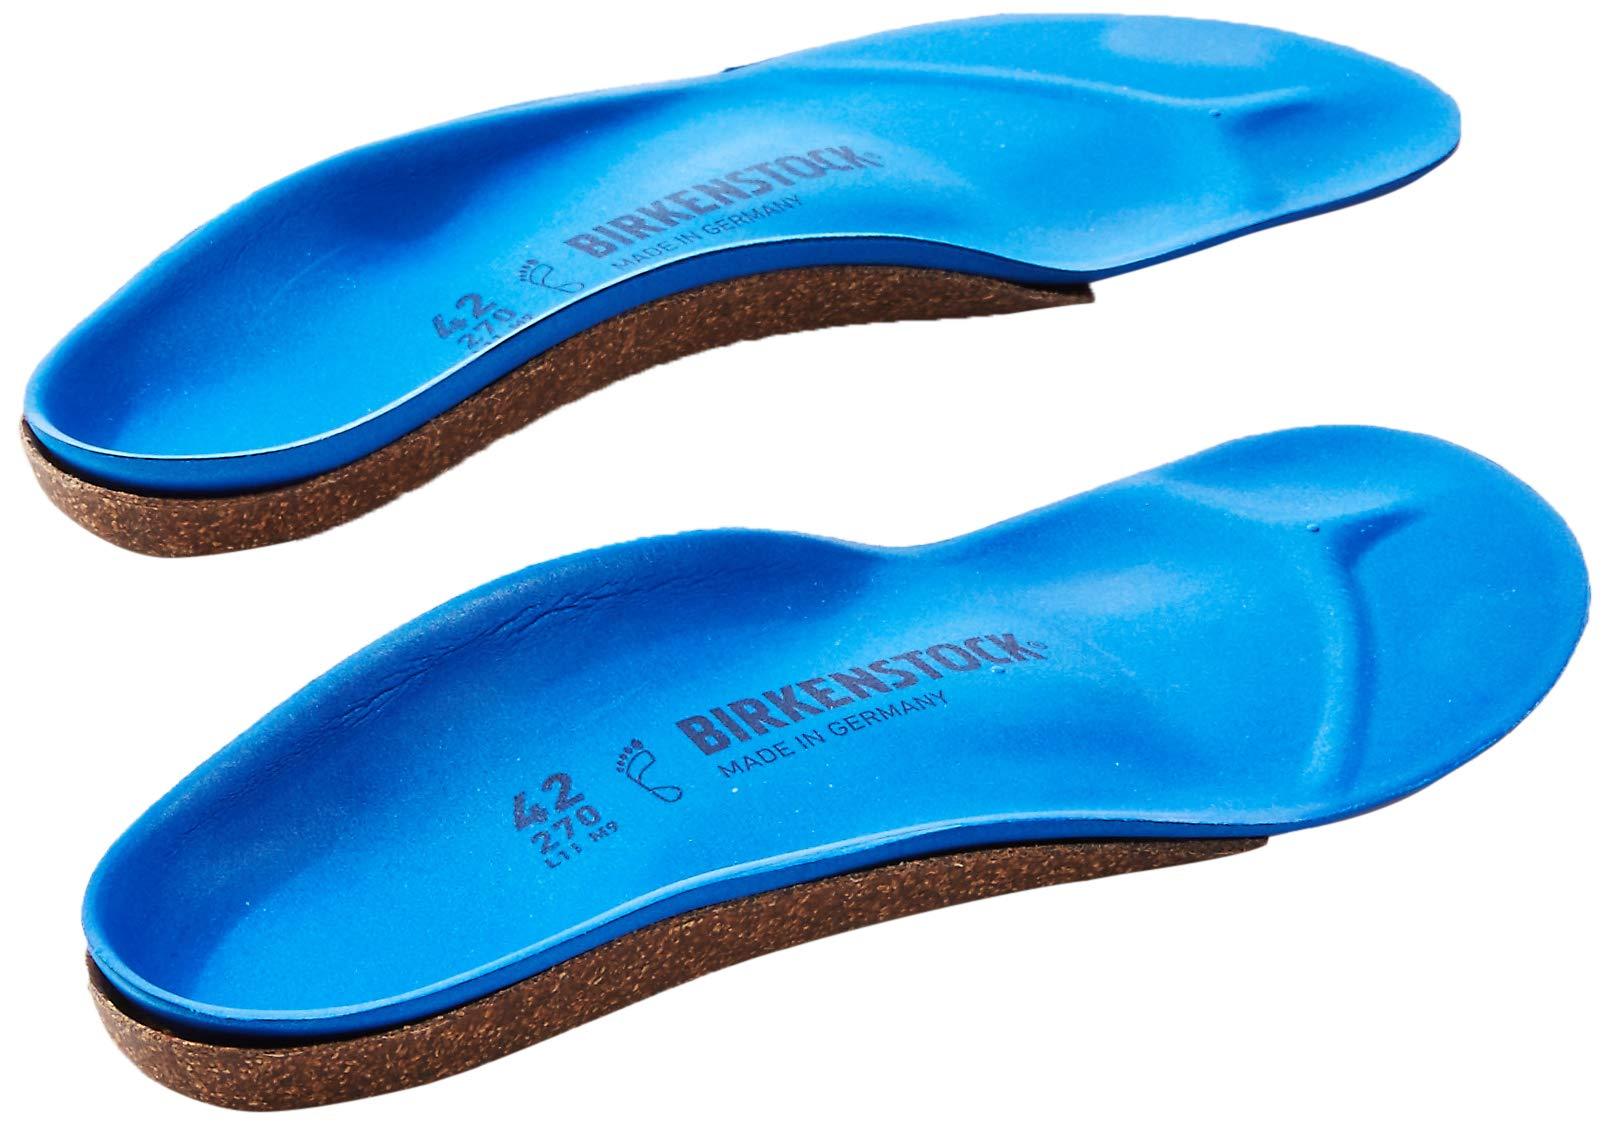 Birkenstock Women's Birko Sport Blue Size 42